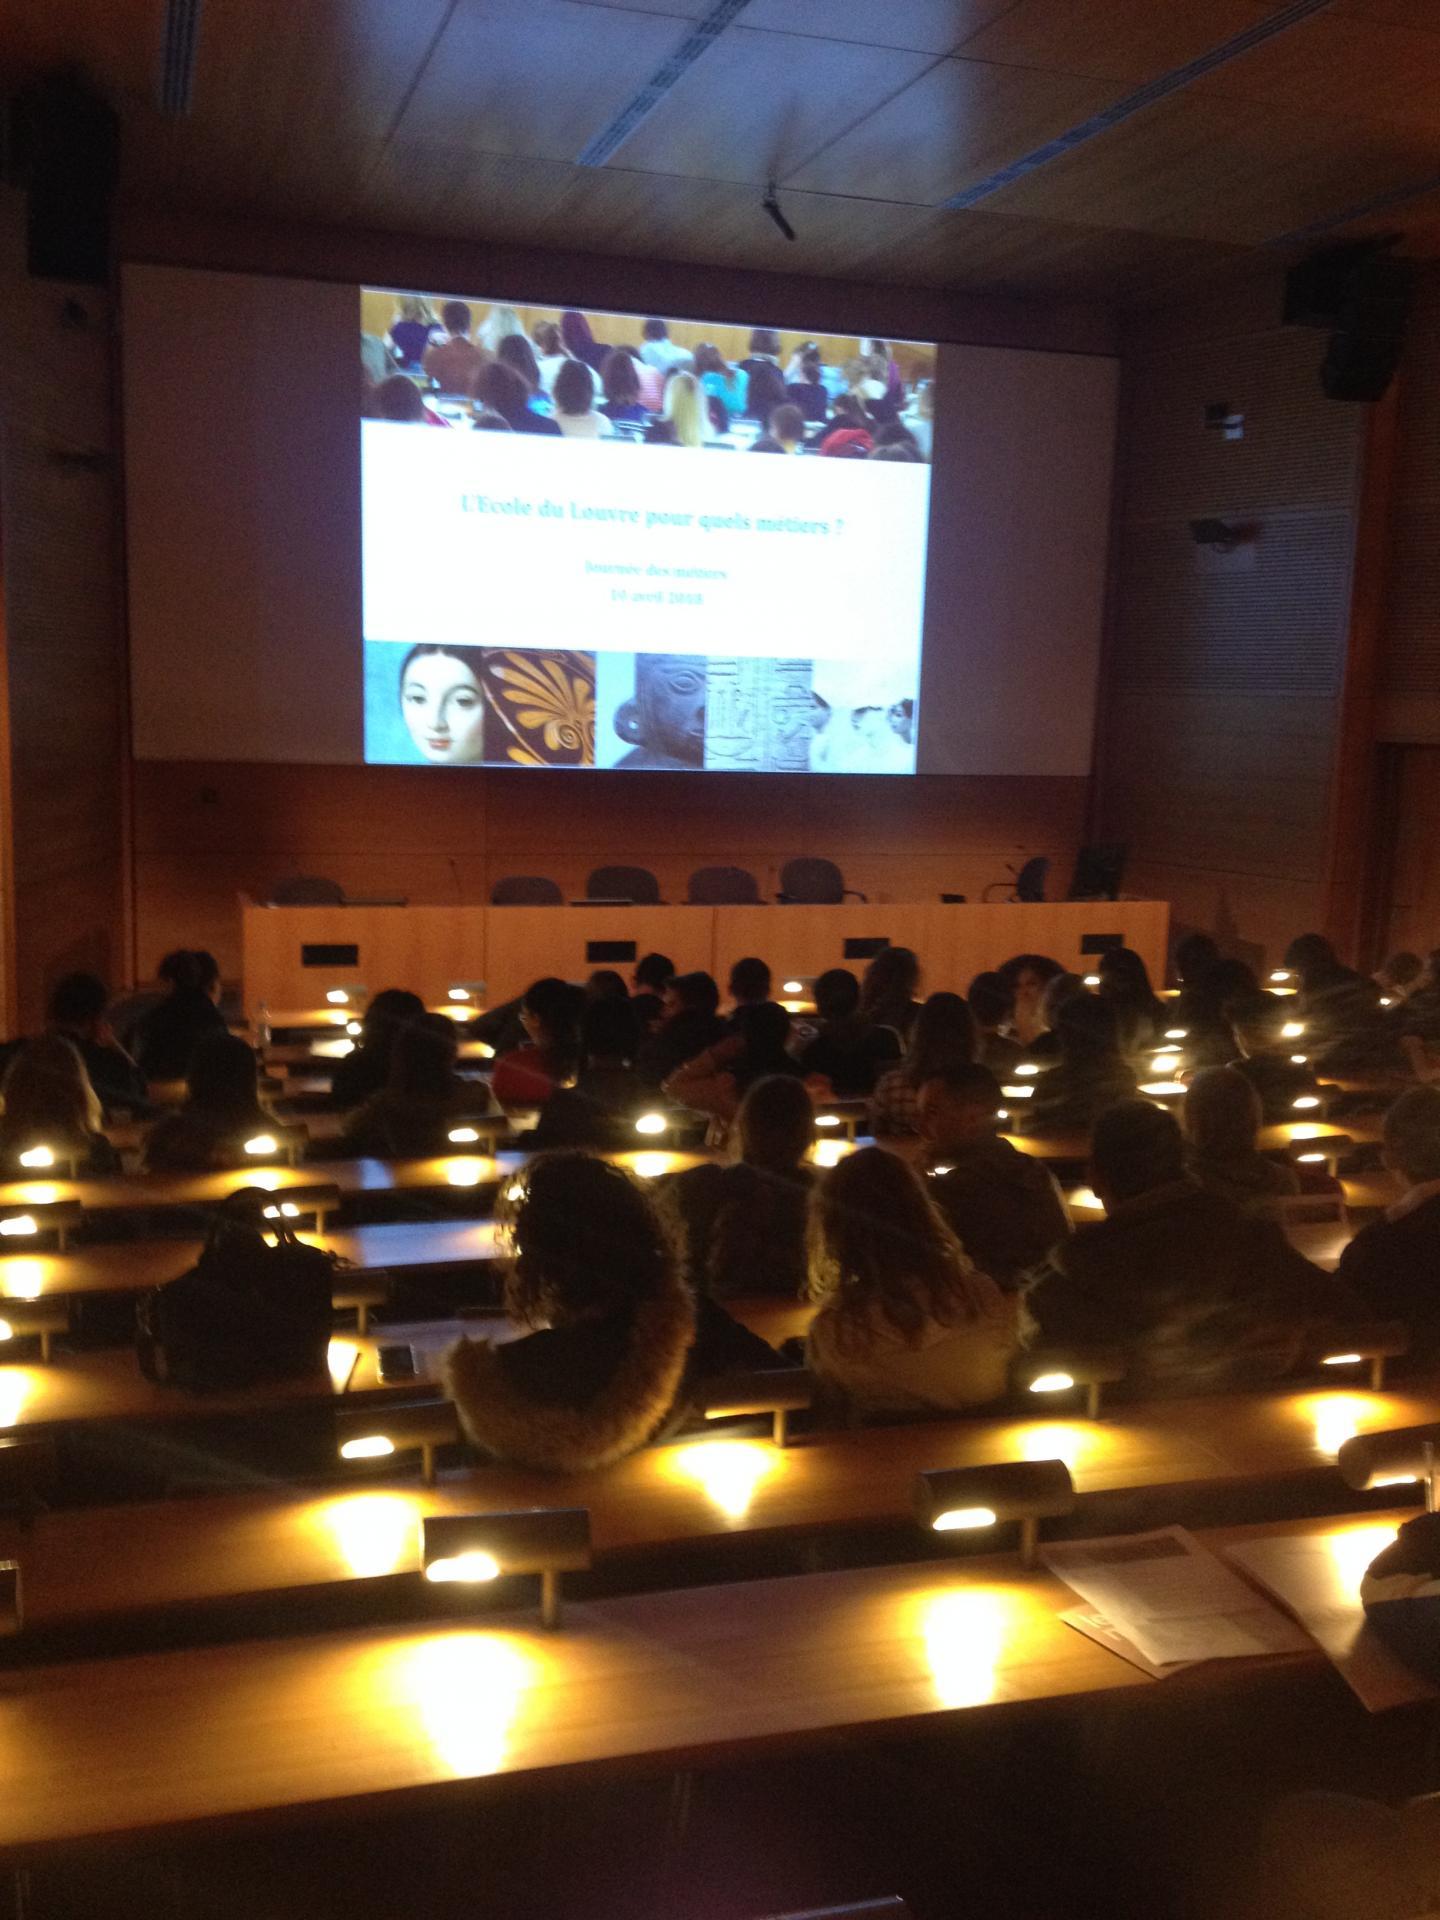 matinée inaugurale dans l'amphithéâtre de l'Ecole du Louvre